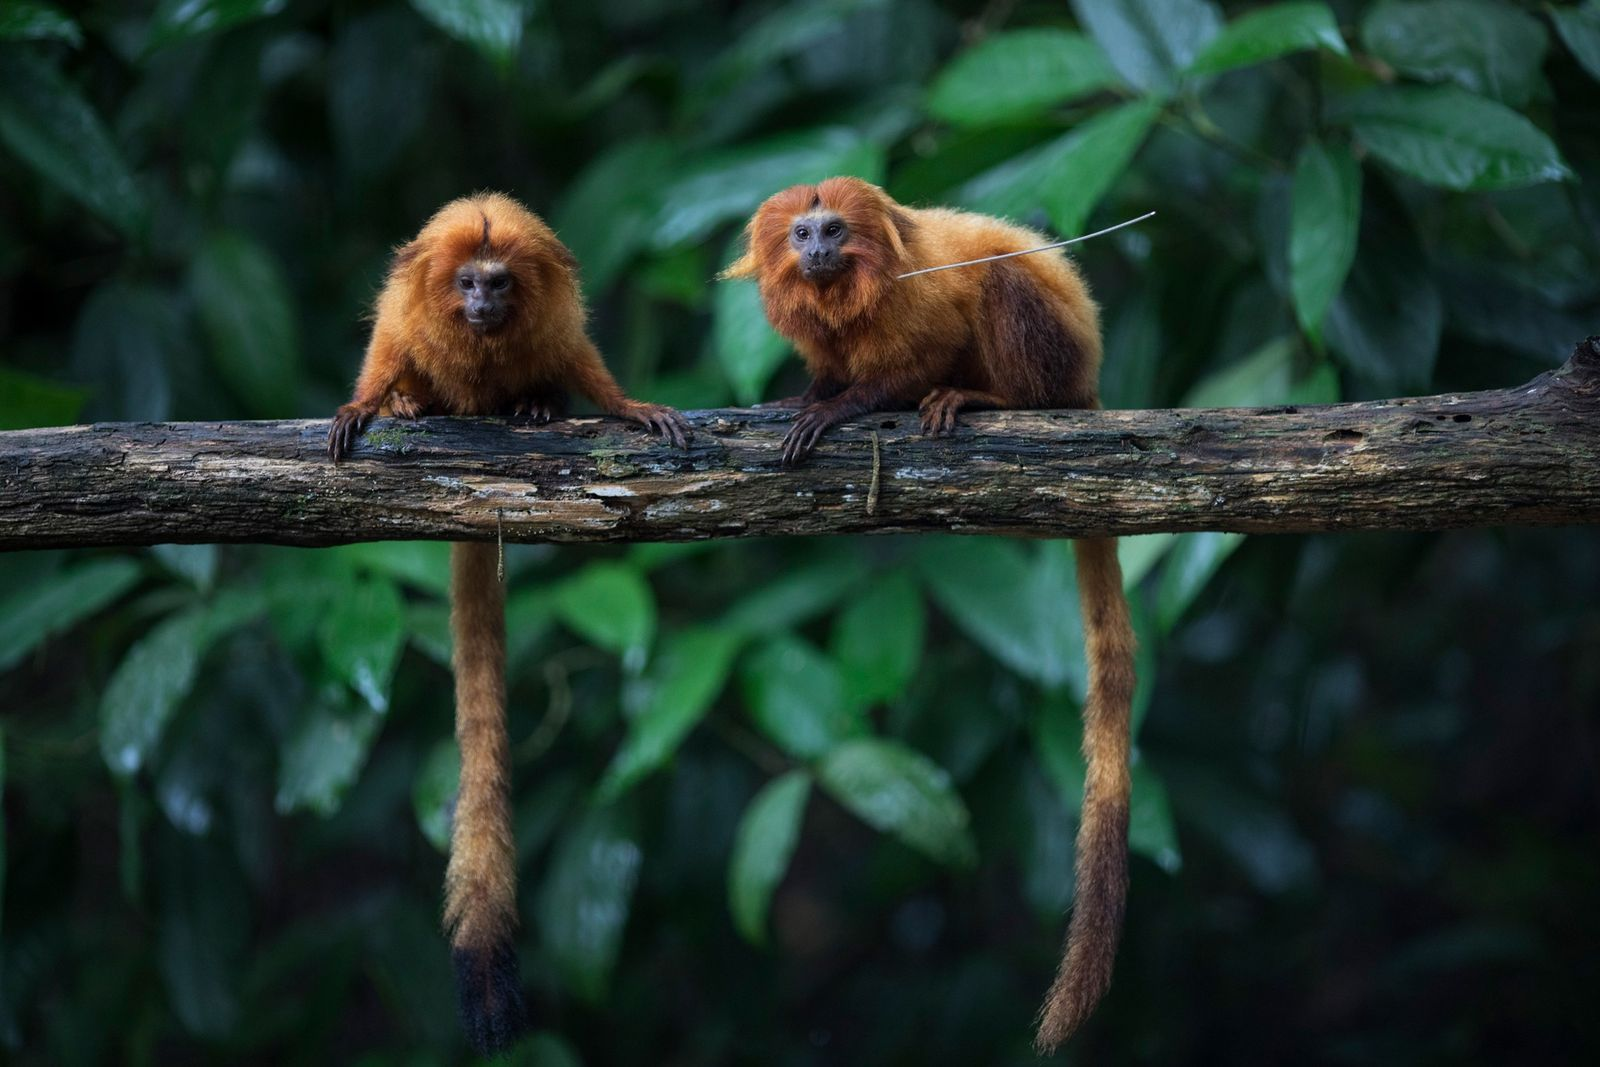 Le coronavirus menace (aussi) la survie de ces singes en voie de disparition